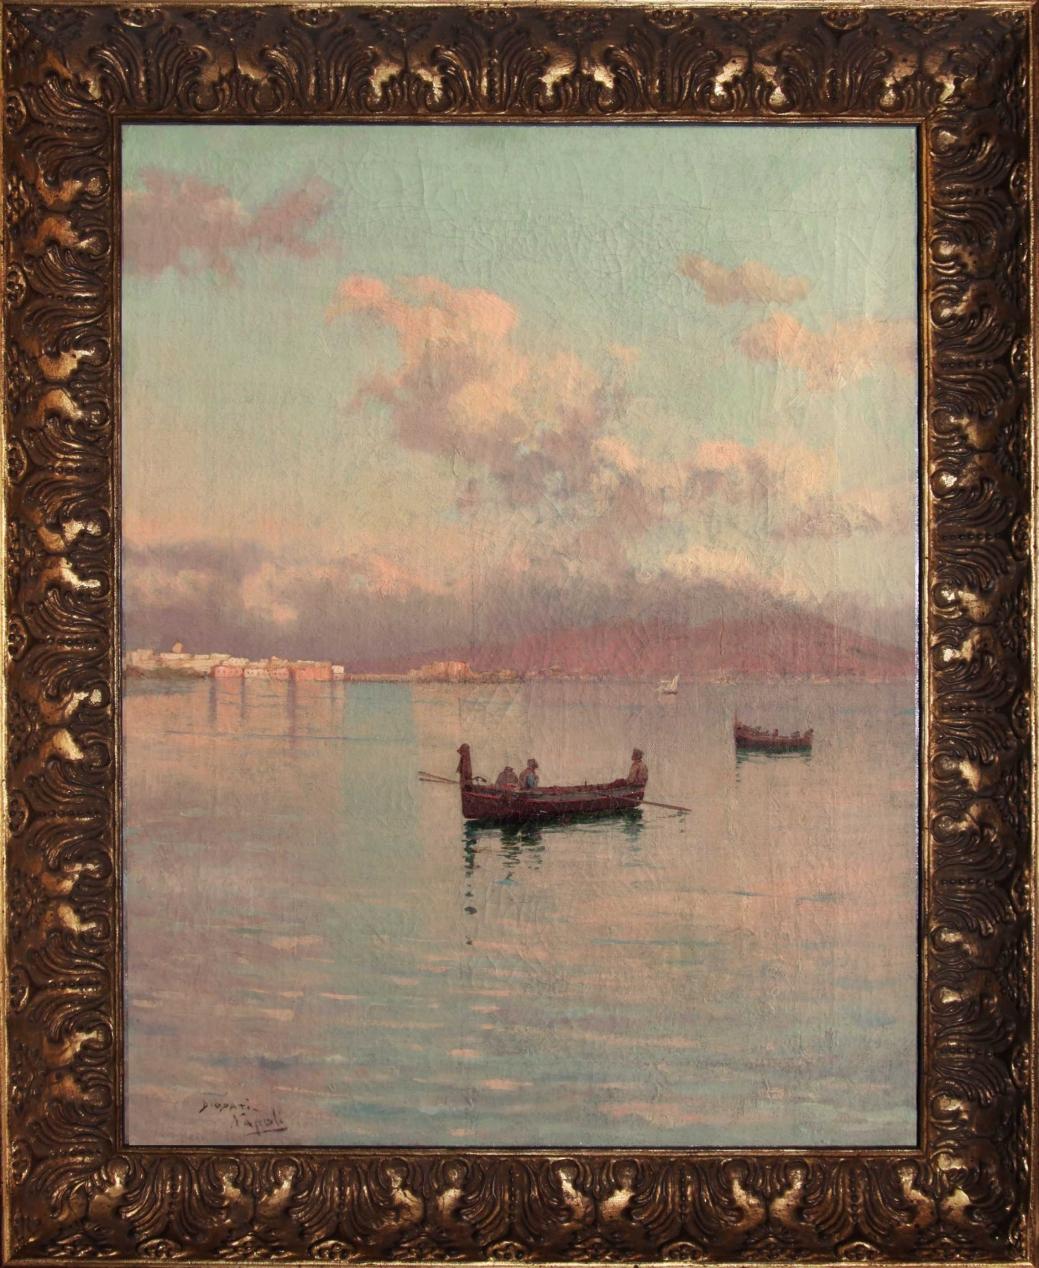 """Старинная картина: """" Лодка в Неаполитанском заливе"""". Западная Европа, конец 19 века Автор: Francesco Paolo DIODATI (1864-1940)"""